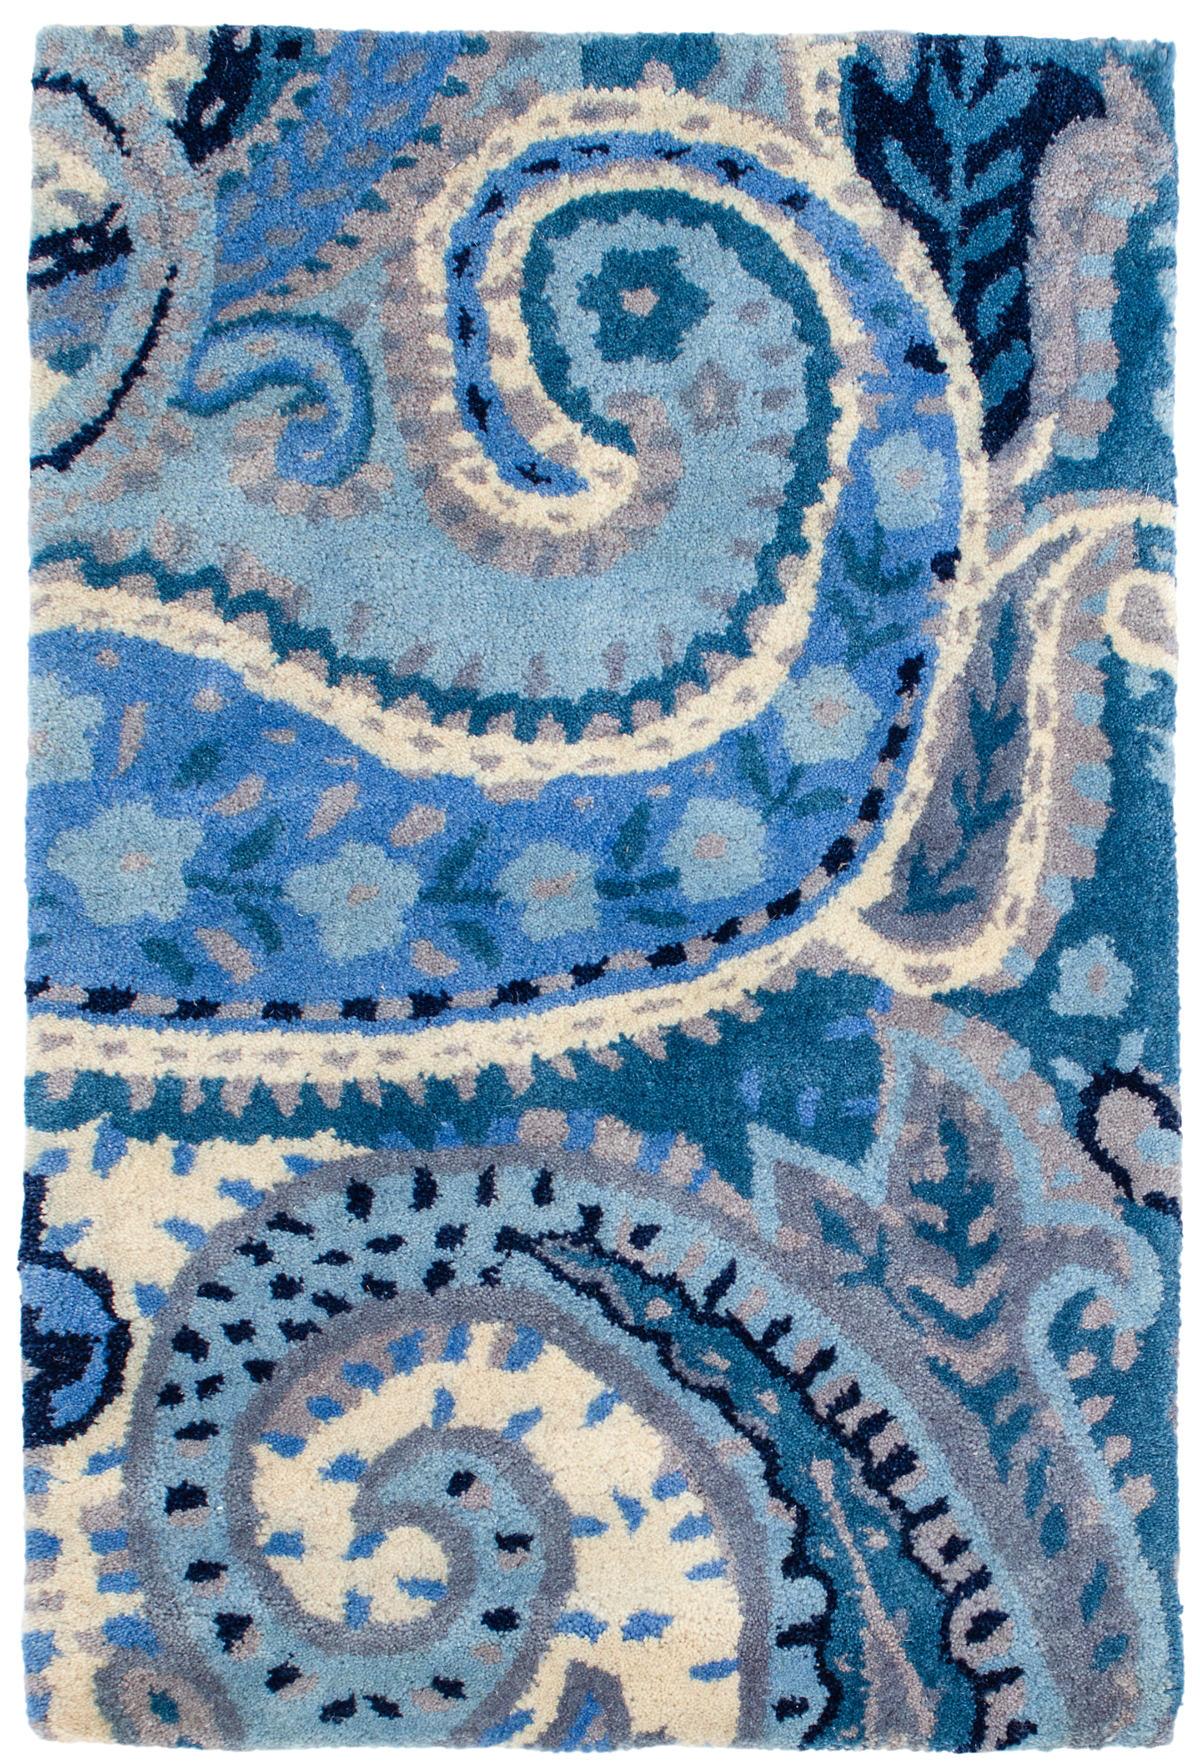 Lyric Paisley Blue Wool Tufted Rug